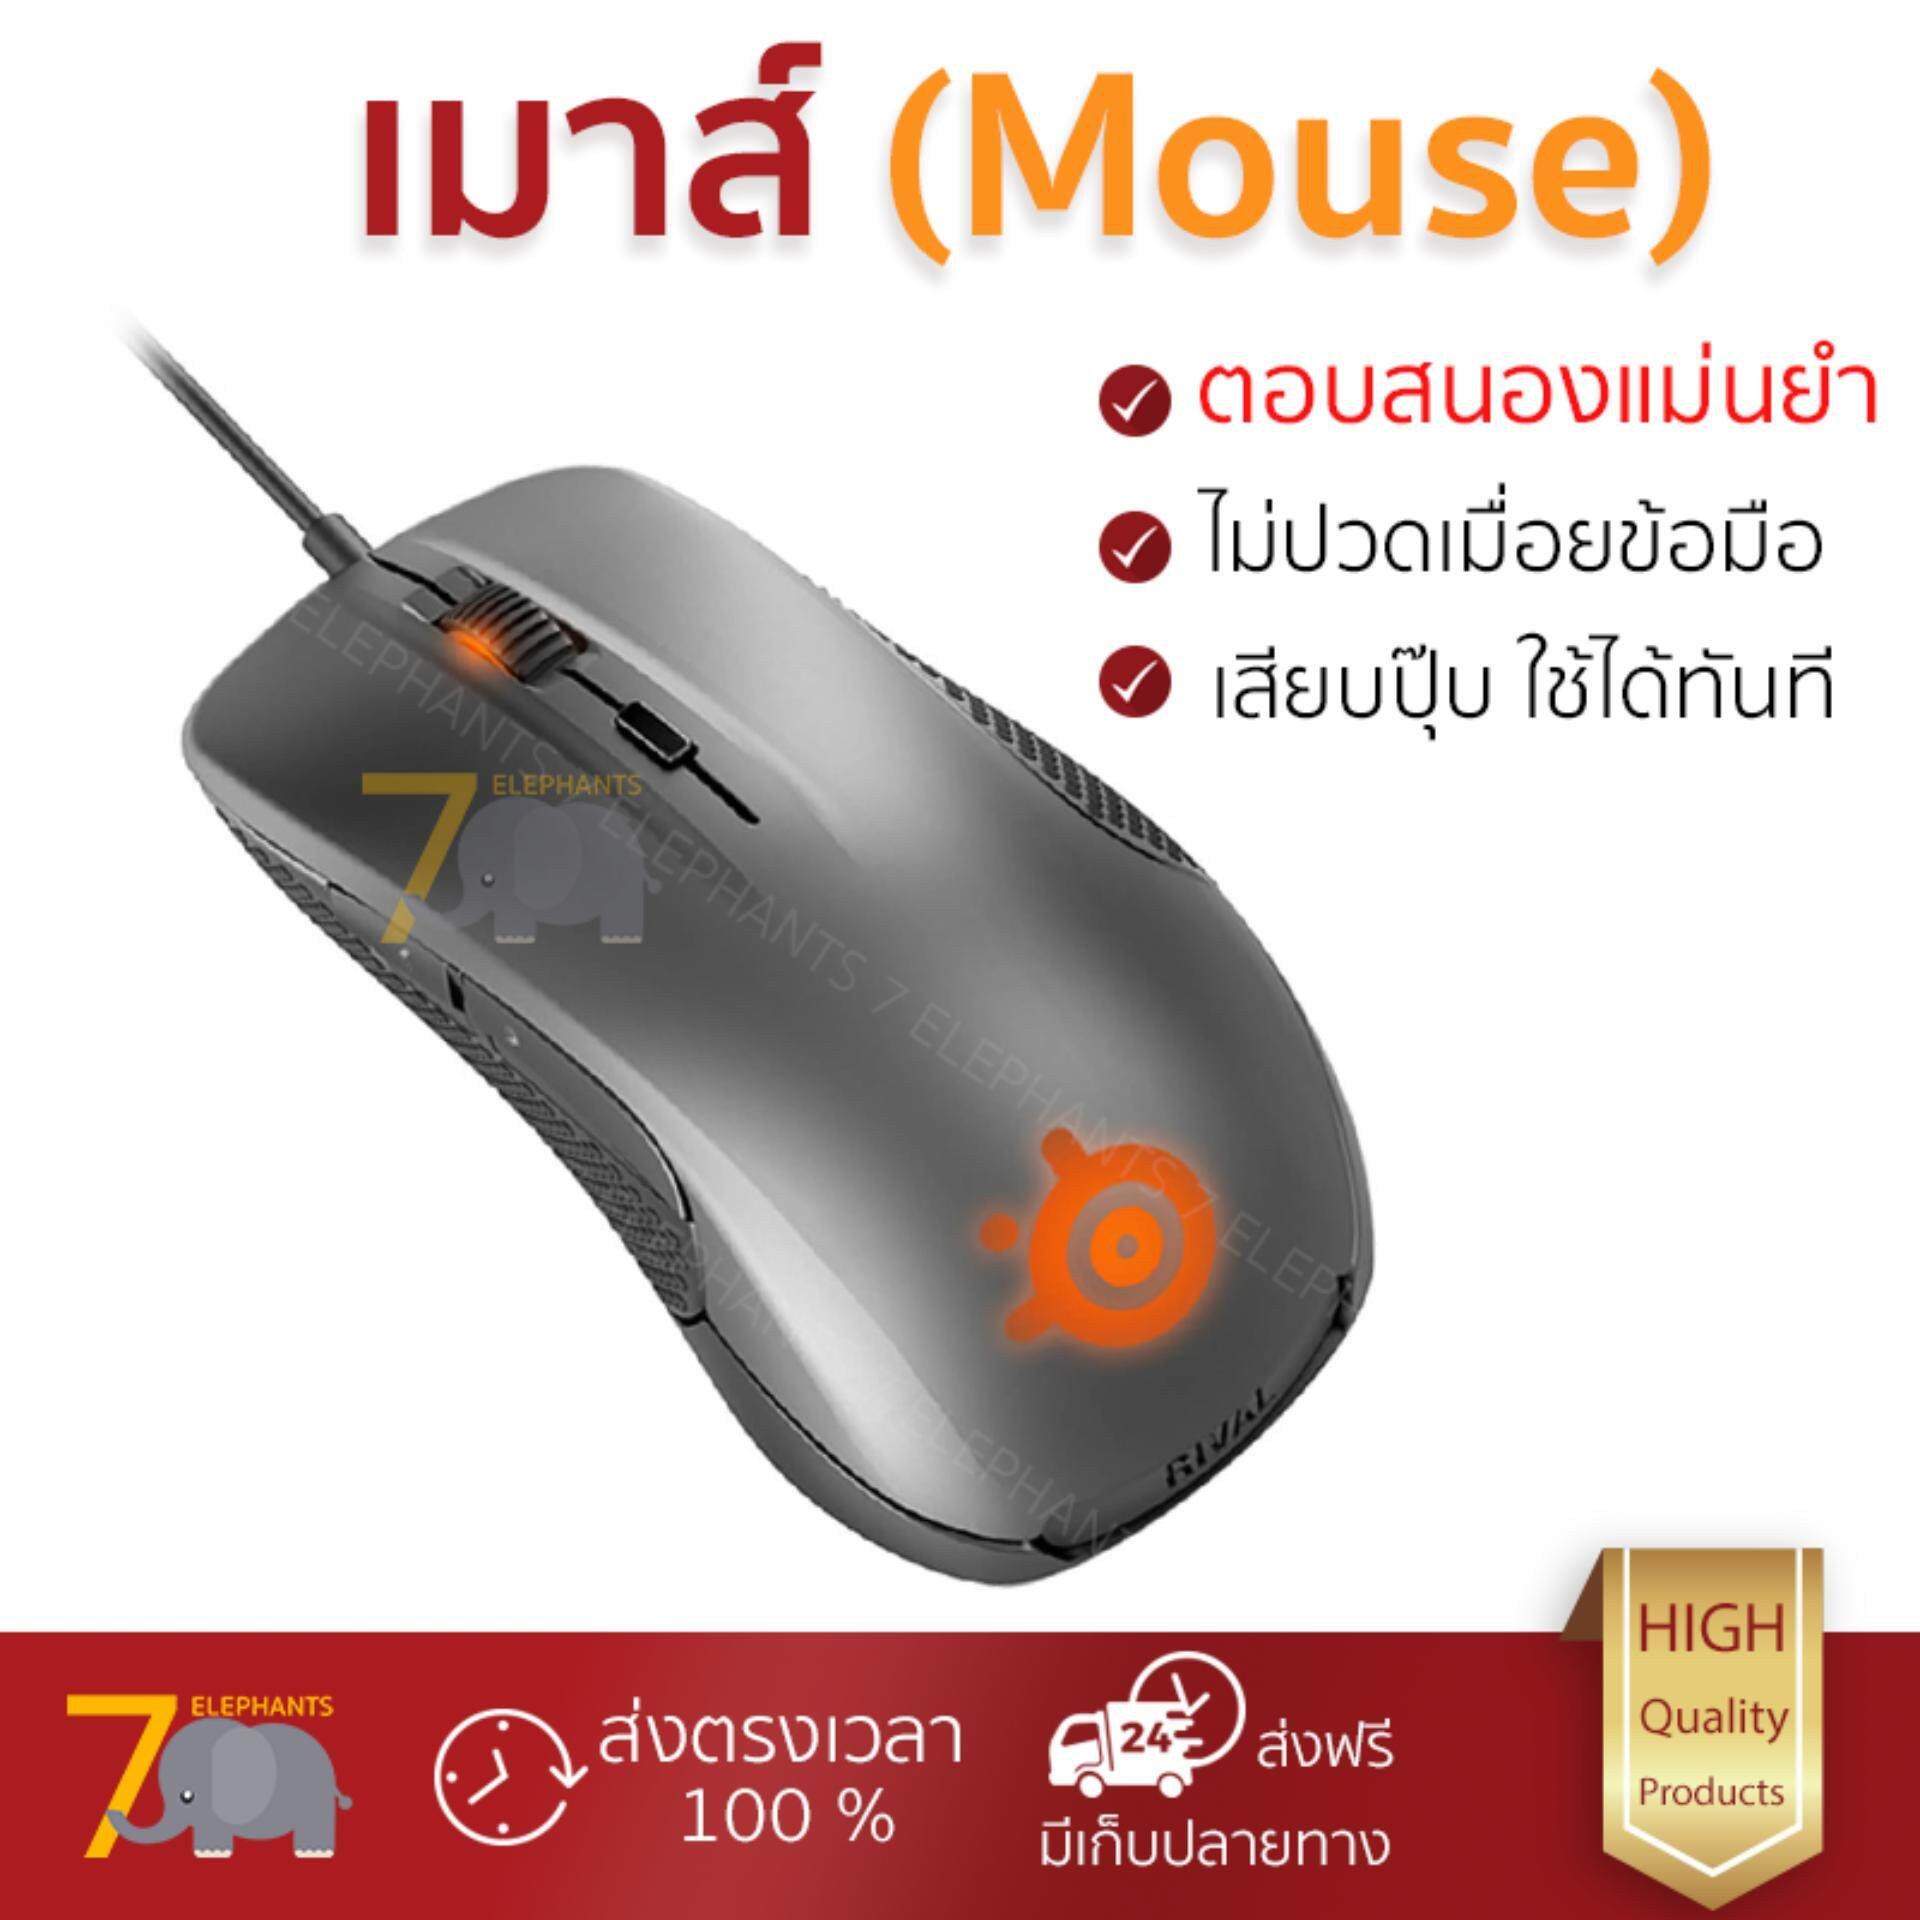 ขายดีมาก! รุ่นใหม่ล่าสุด เมาส์           STEELSERIES เมาส์เกมมิ่ง (สีเทา) รุ่น Rival 300             เซนเซอร์คุณภาพสูง ทำงานได้ลื่นไหล ไม่มีสะดุด Computer Mouse  รับประกันสินค้า 1 ปี จัดส่งฟรี Kerry ท